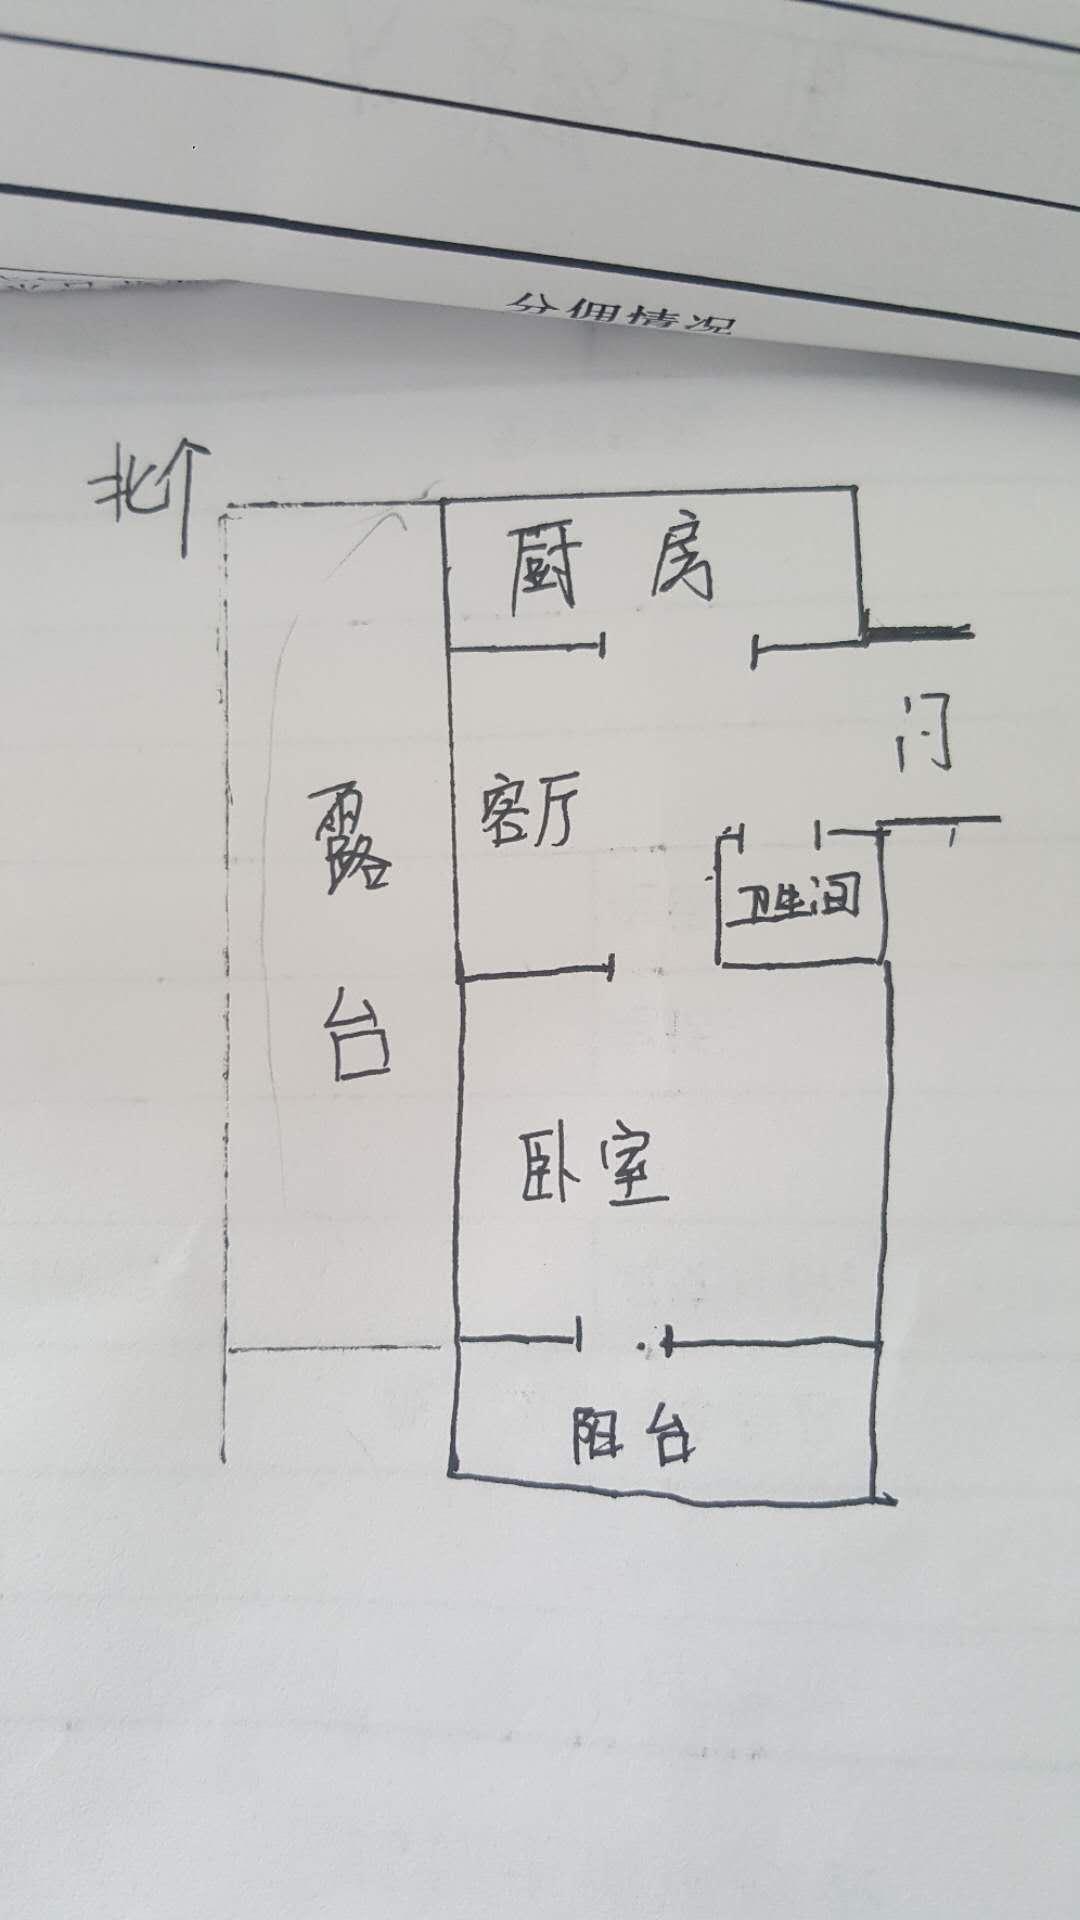 岔河紫薇园 1室1厅 6楼